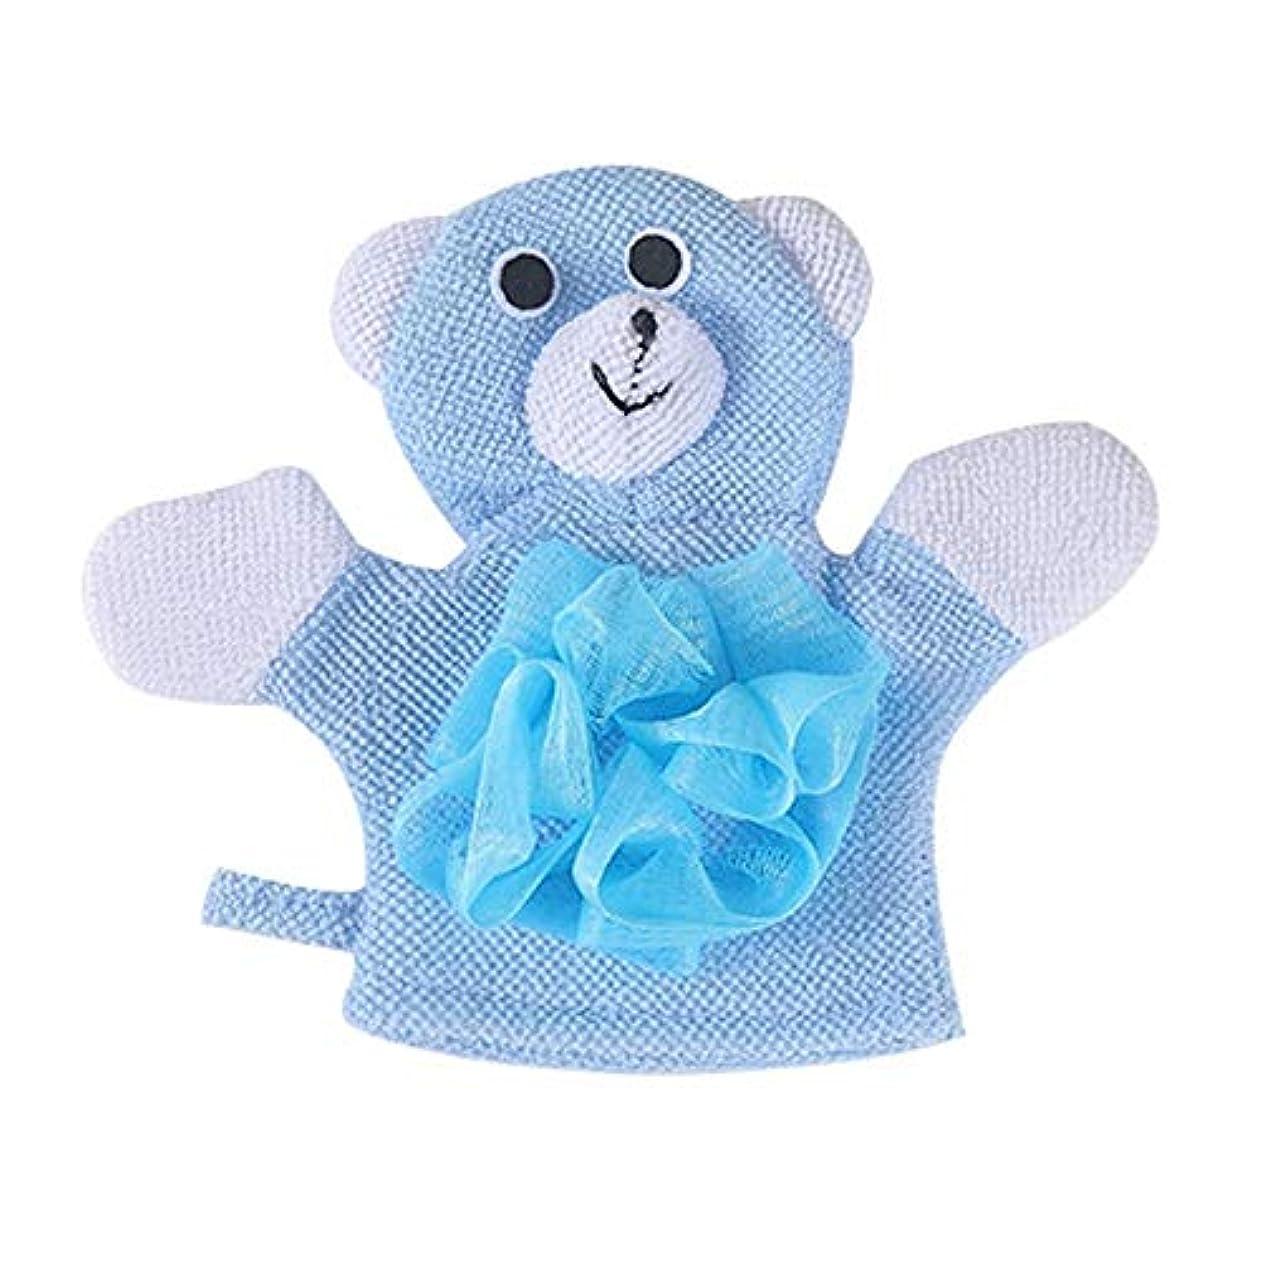 時代流産終わったBTXXYJP お風呂用手袋 あかすり シャワー手袋 ボディブラシ やわらか バス用品 ボディタオル 角質除去 (Color : Blue)